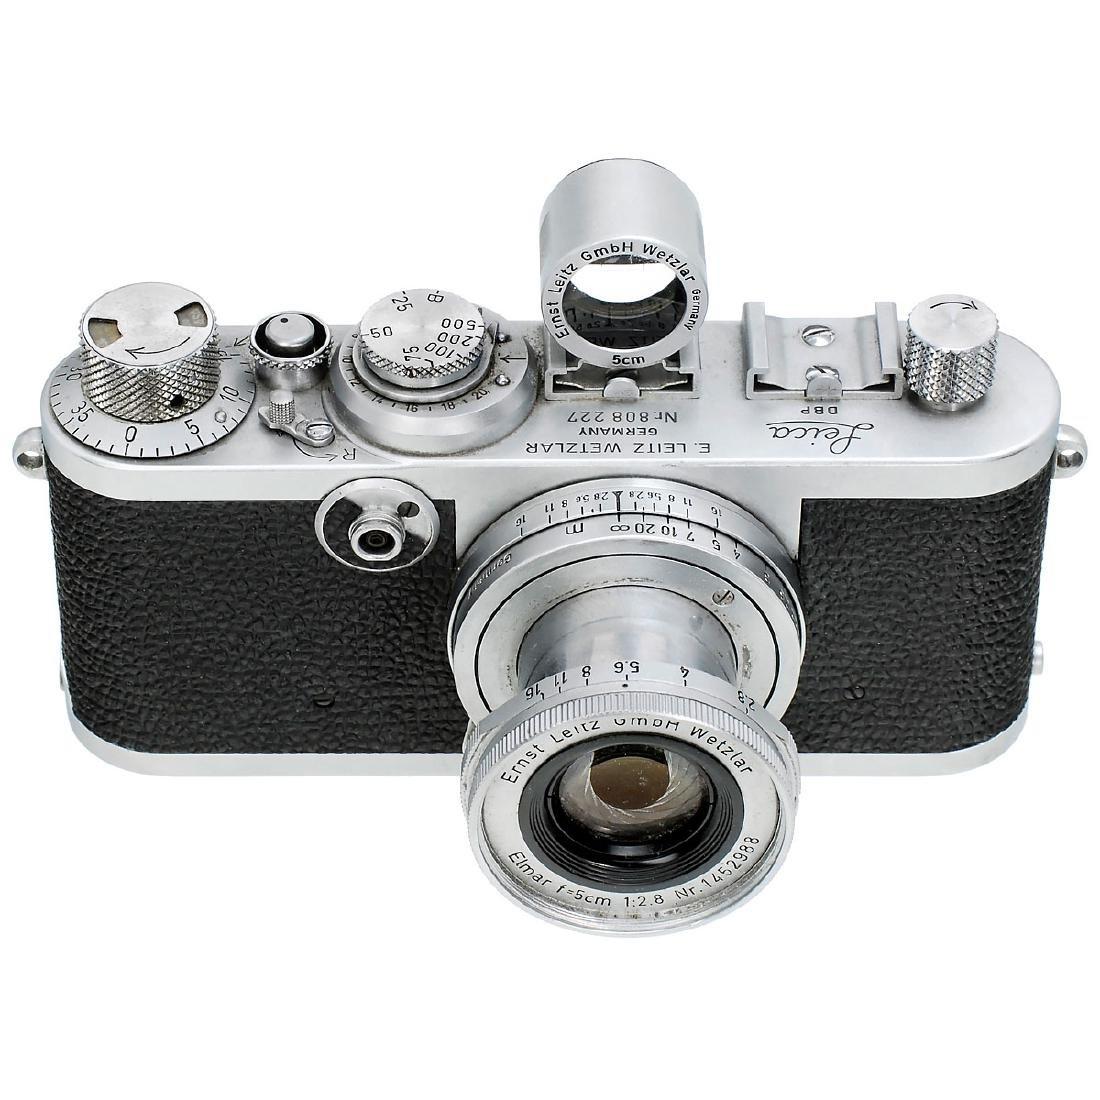 Leica If (Black-Dial Synchronization) with Elmar 2,8/5